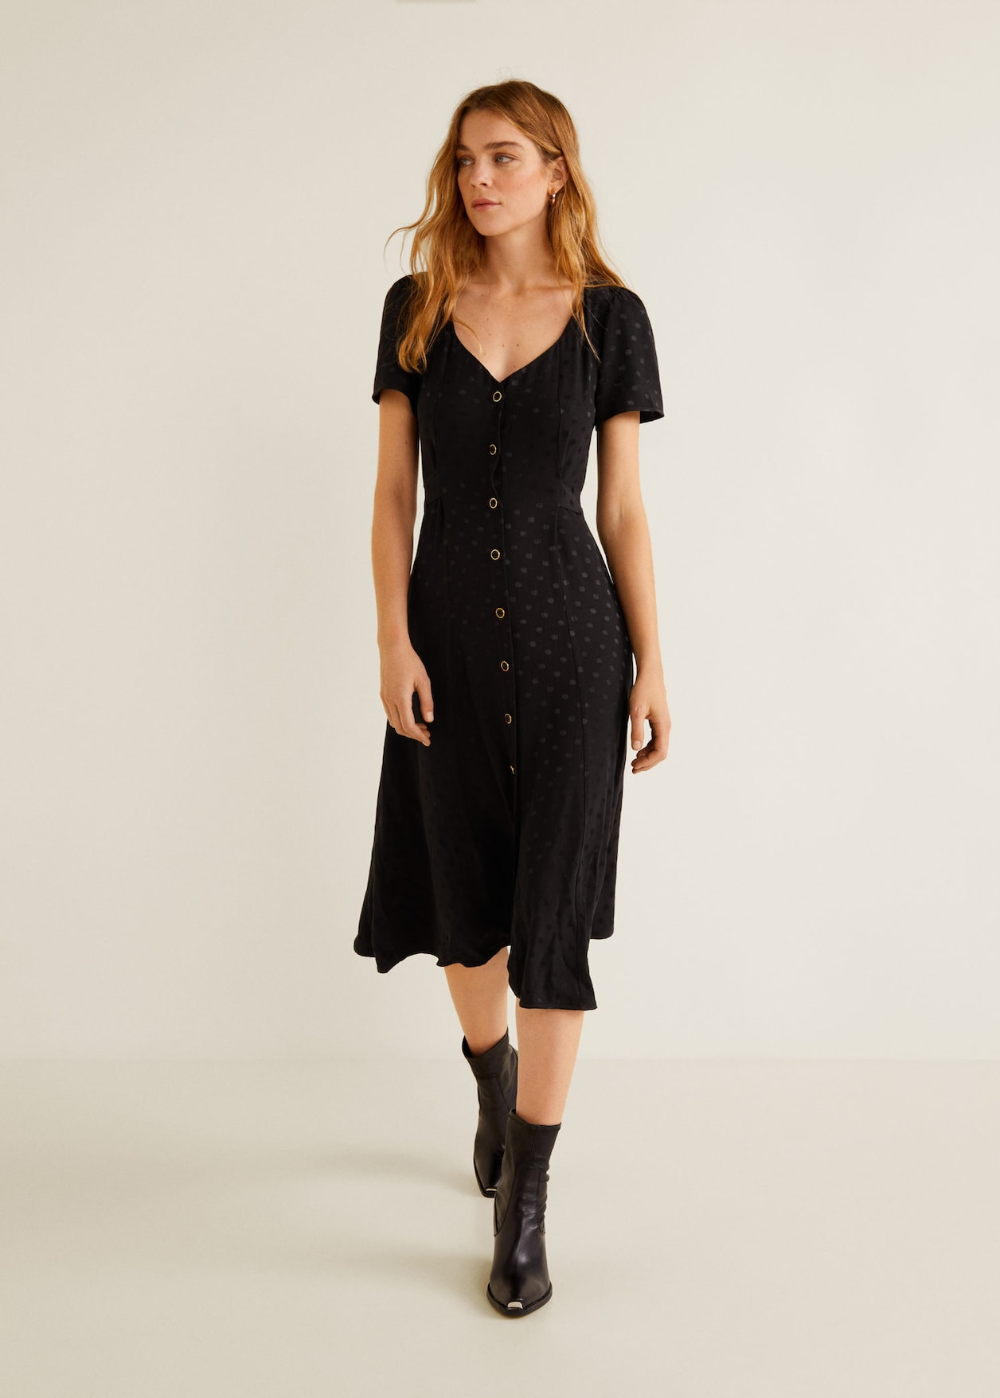 Jacquard-kleid mit polka dots - Damen in 11  Kleider für frauen